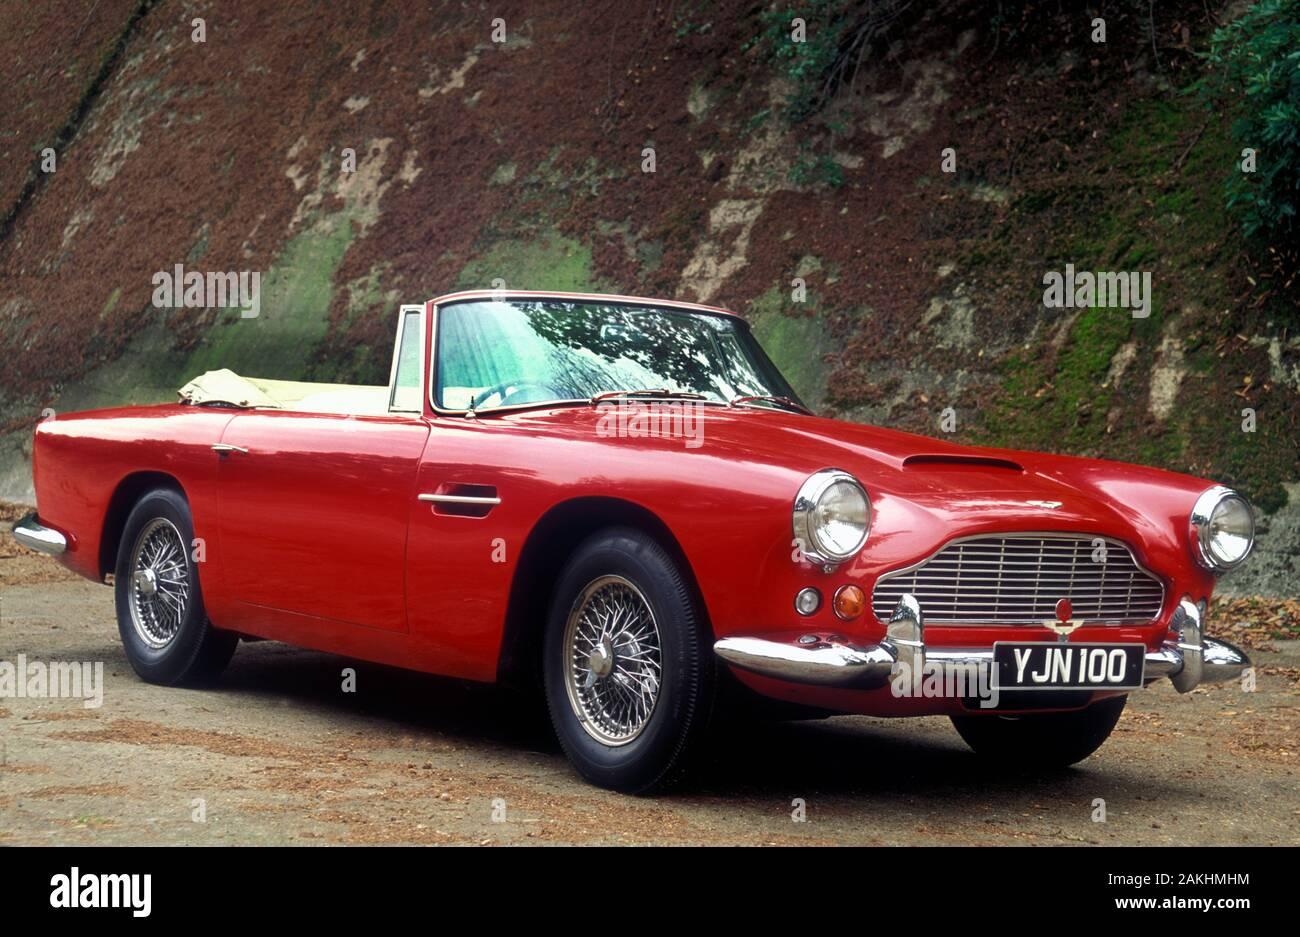 Aston Martin Db4 Convertible Stockfotos Und Bilder Kaufen Alamy